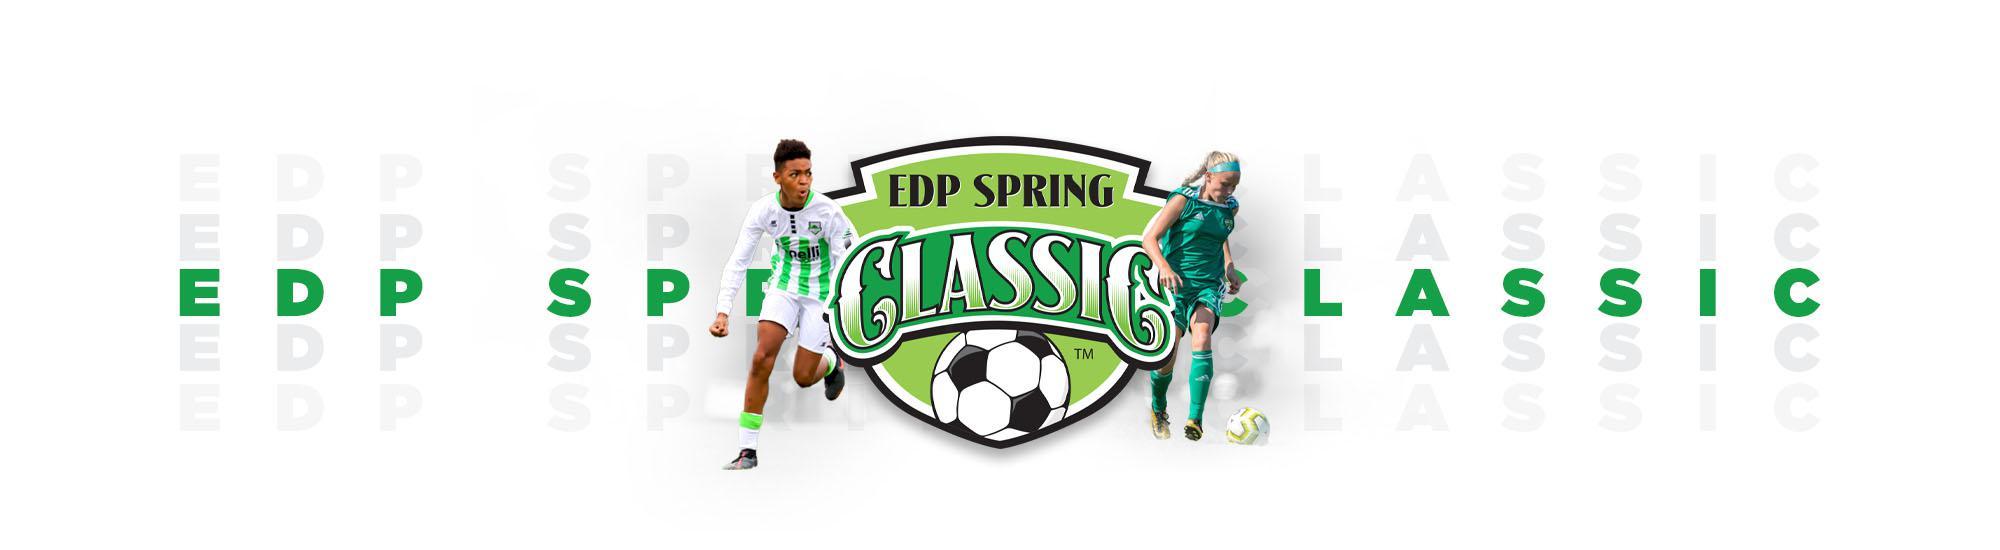 EDP Spring Classic